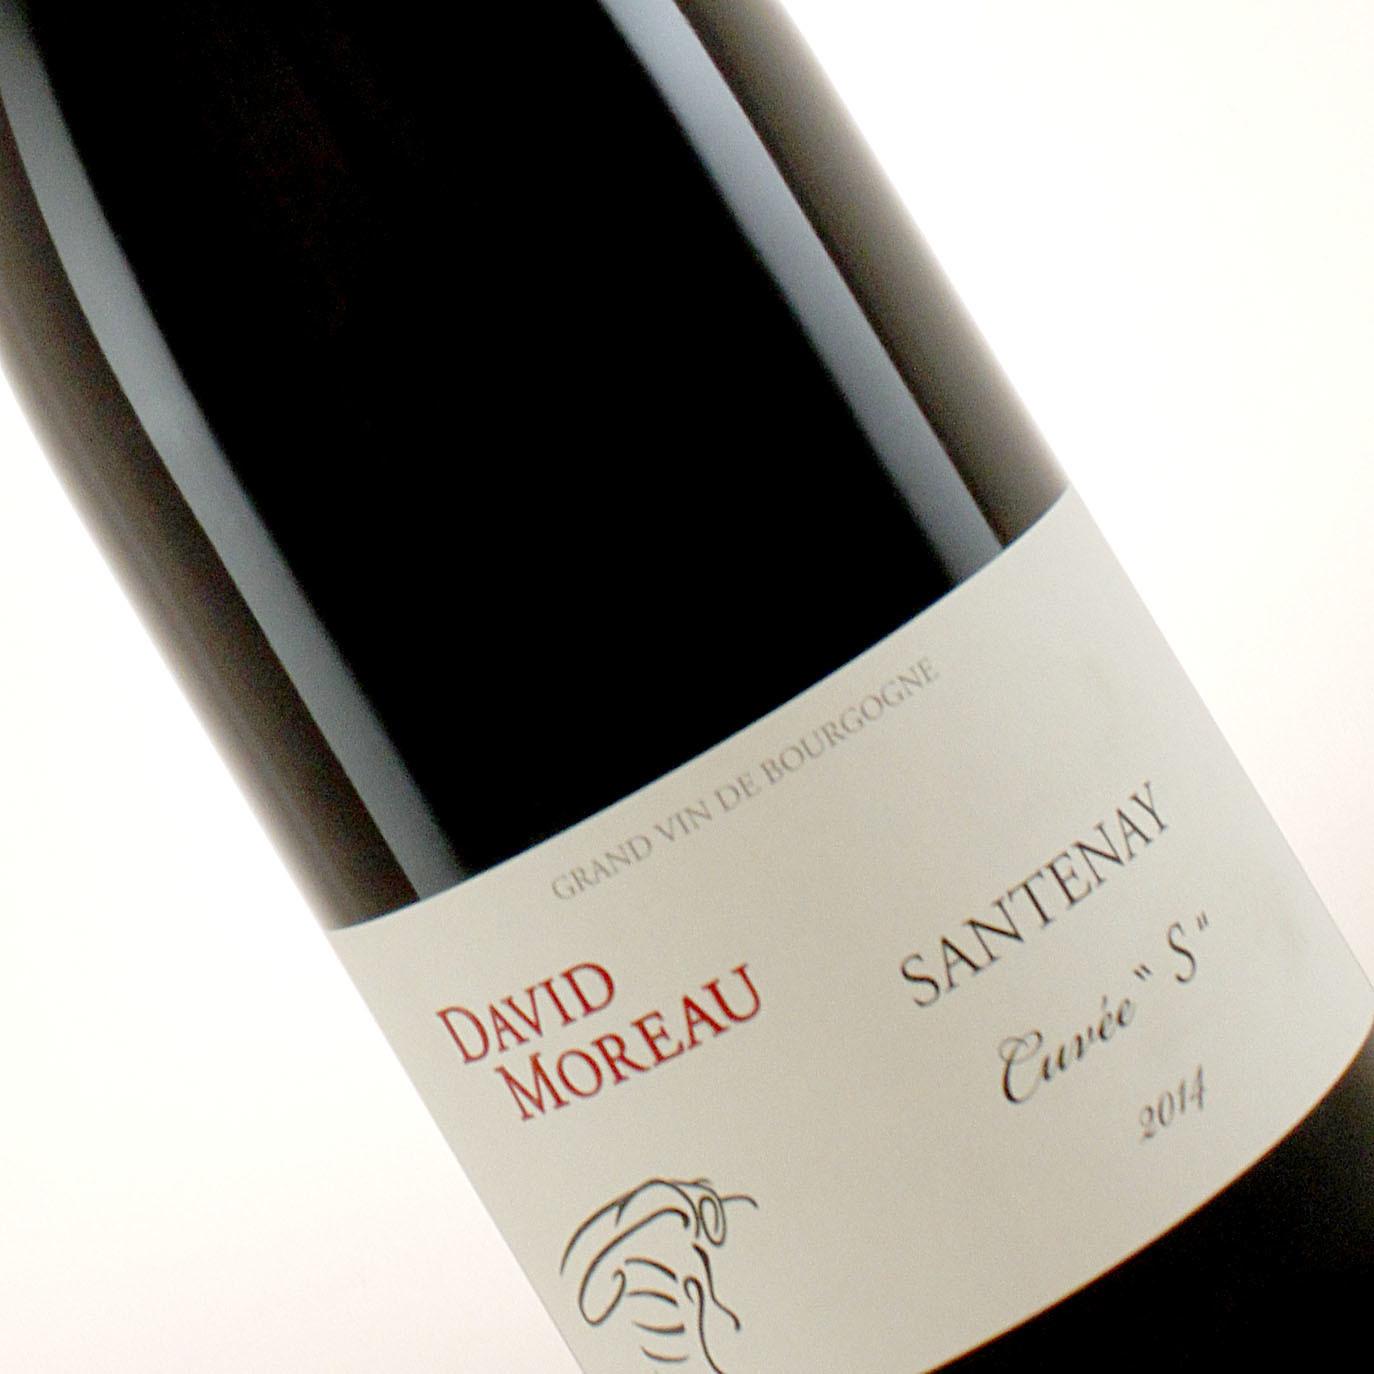 """David Moreau 2014 Santenay """"Cuvee S"""", Burgundy"""